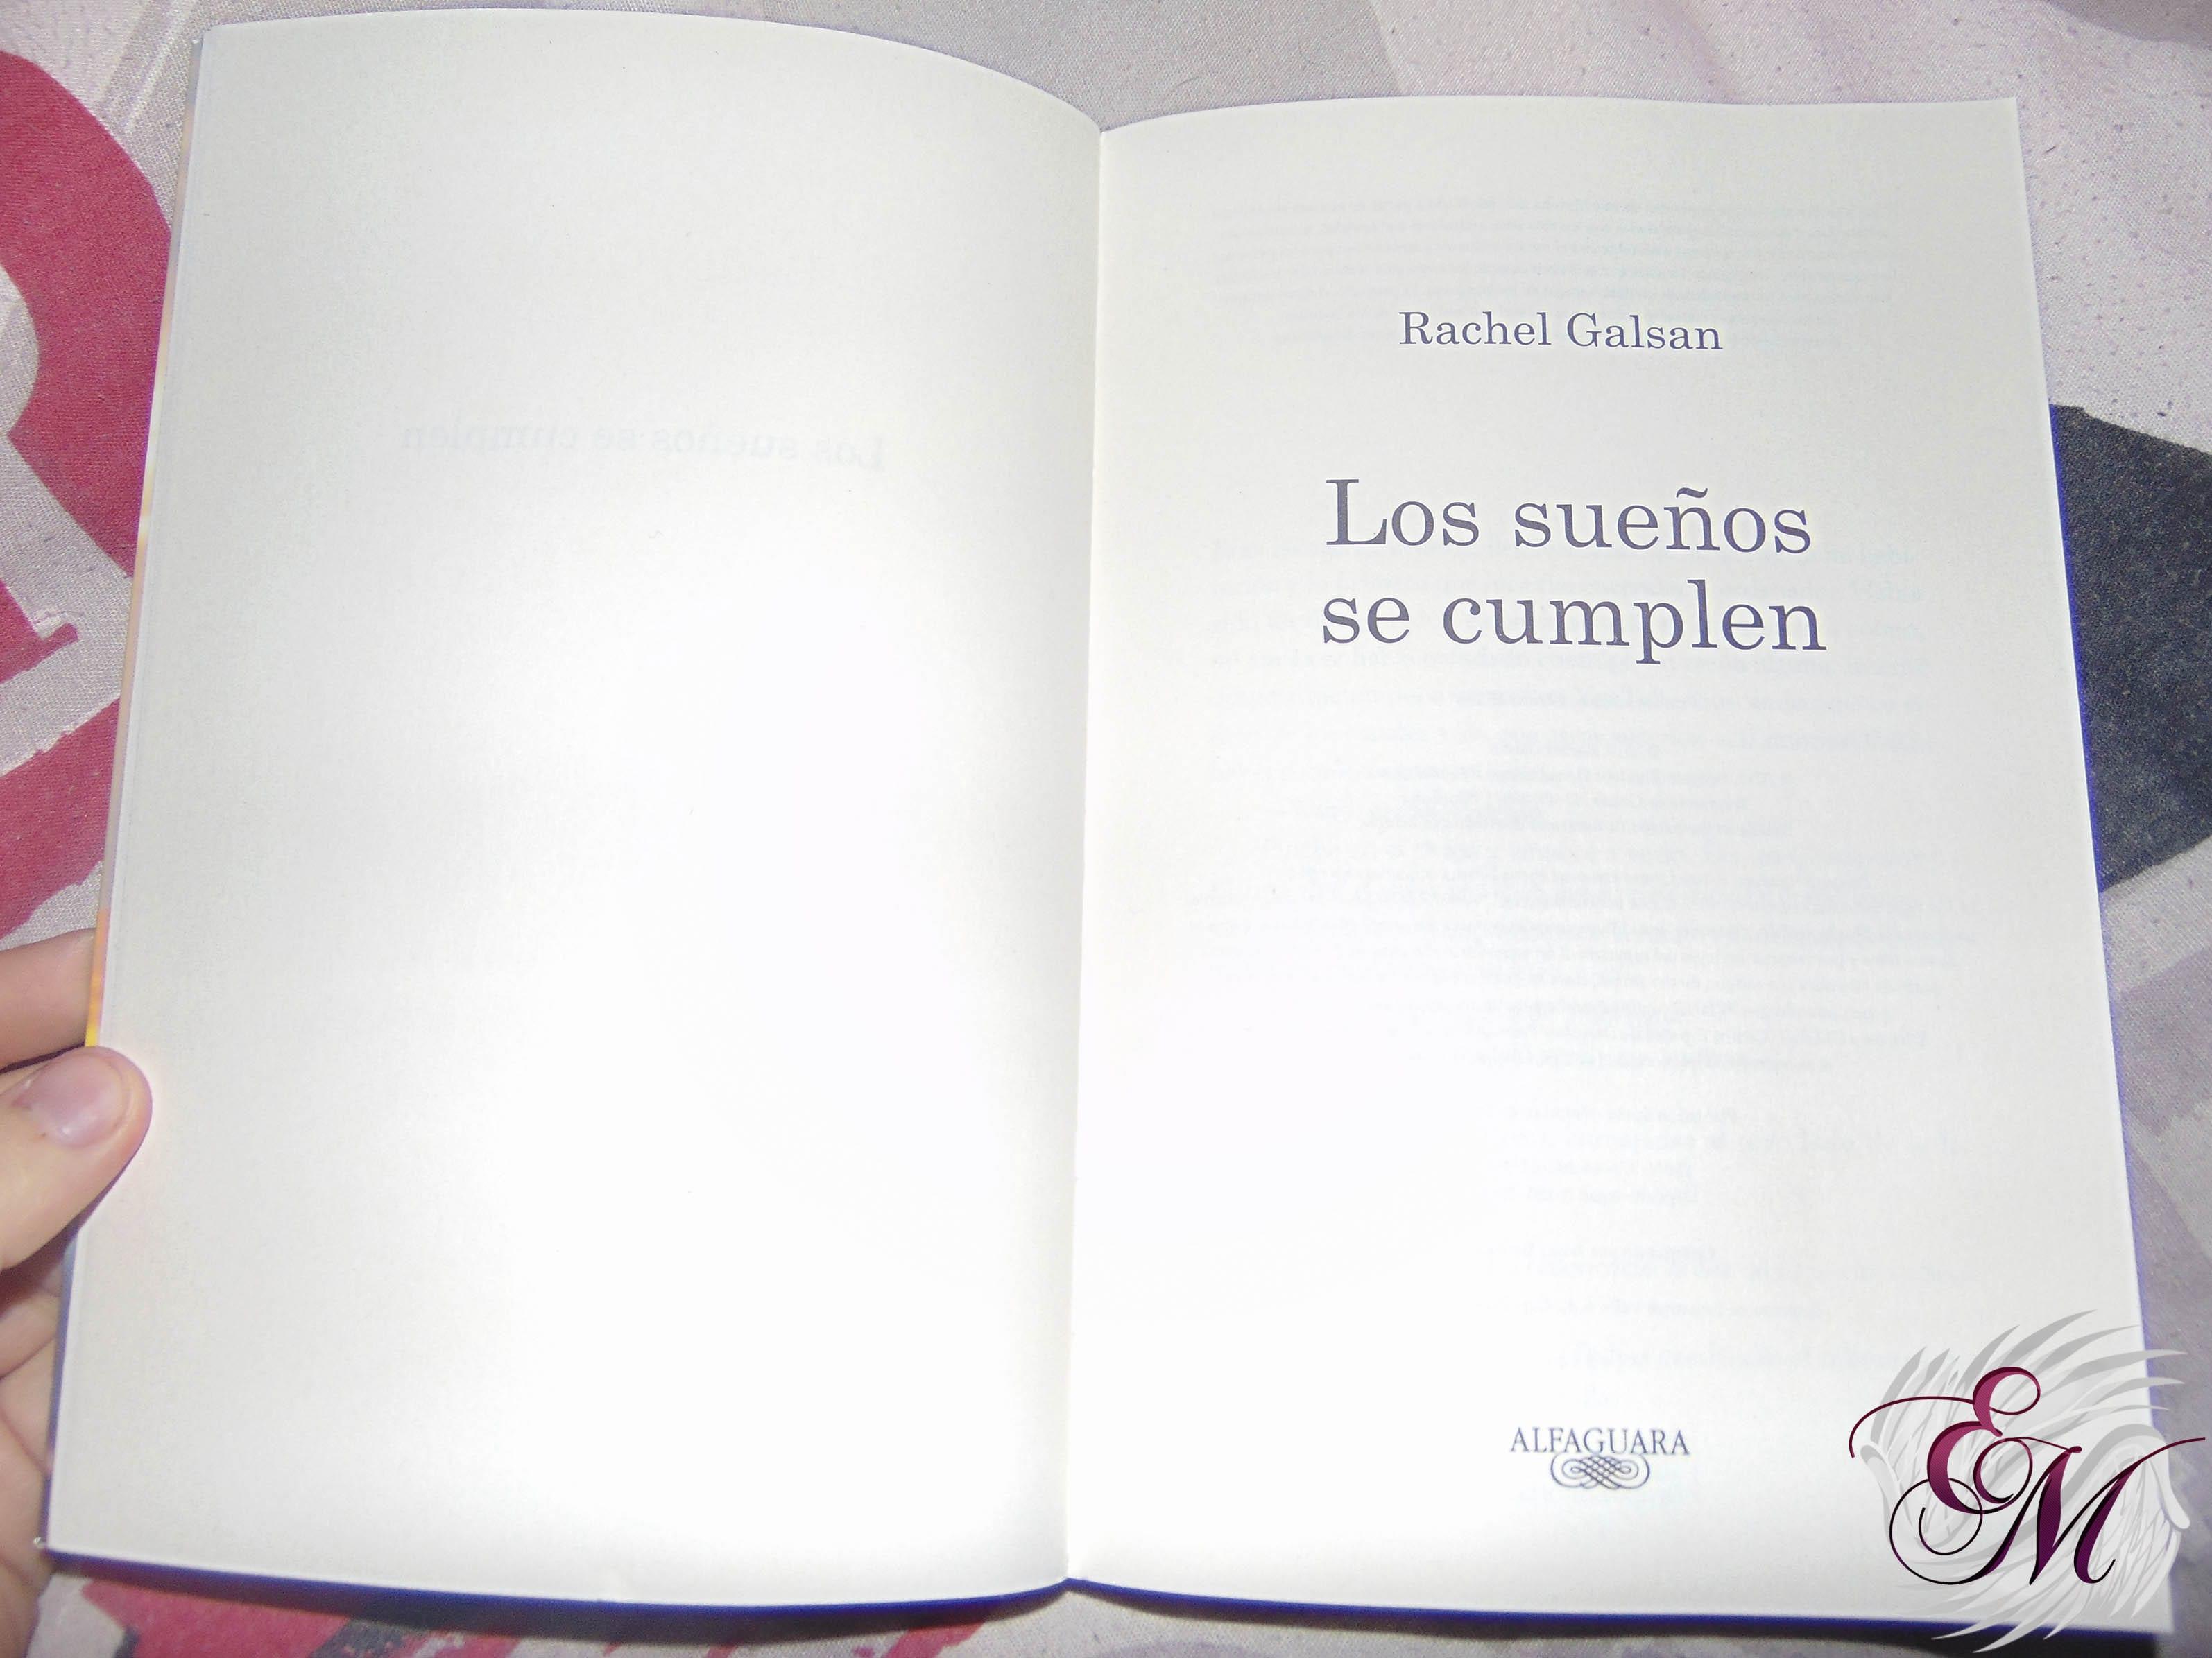 Los sueños se cumplen, de Rachel Galsan - Reseña